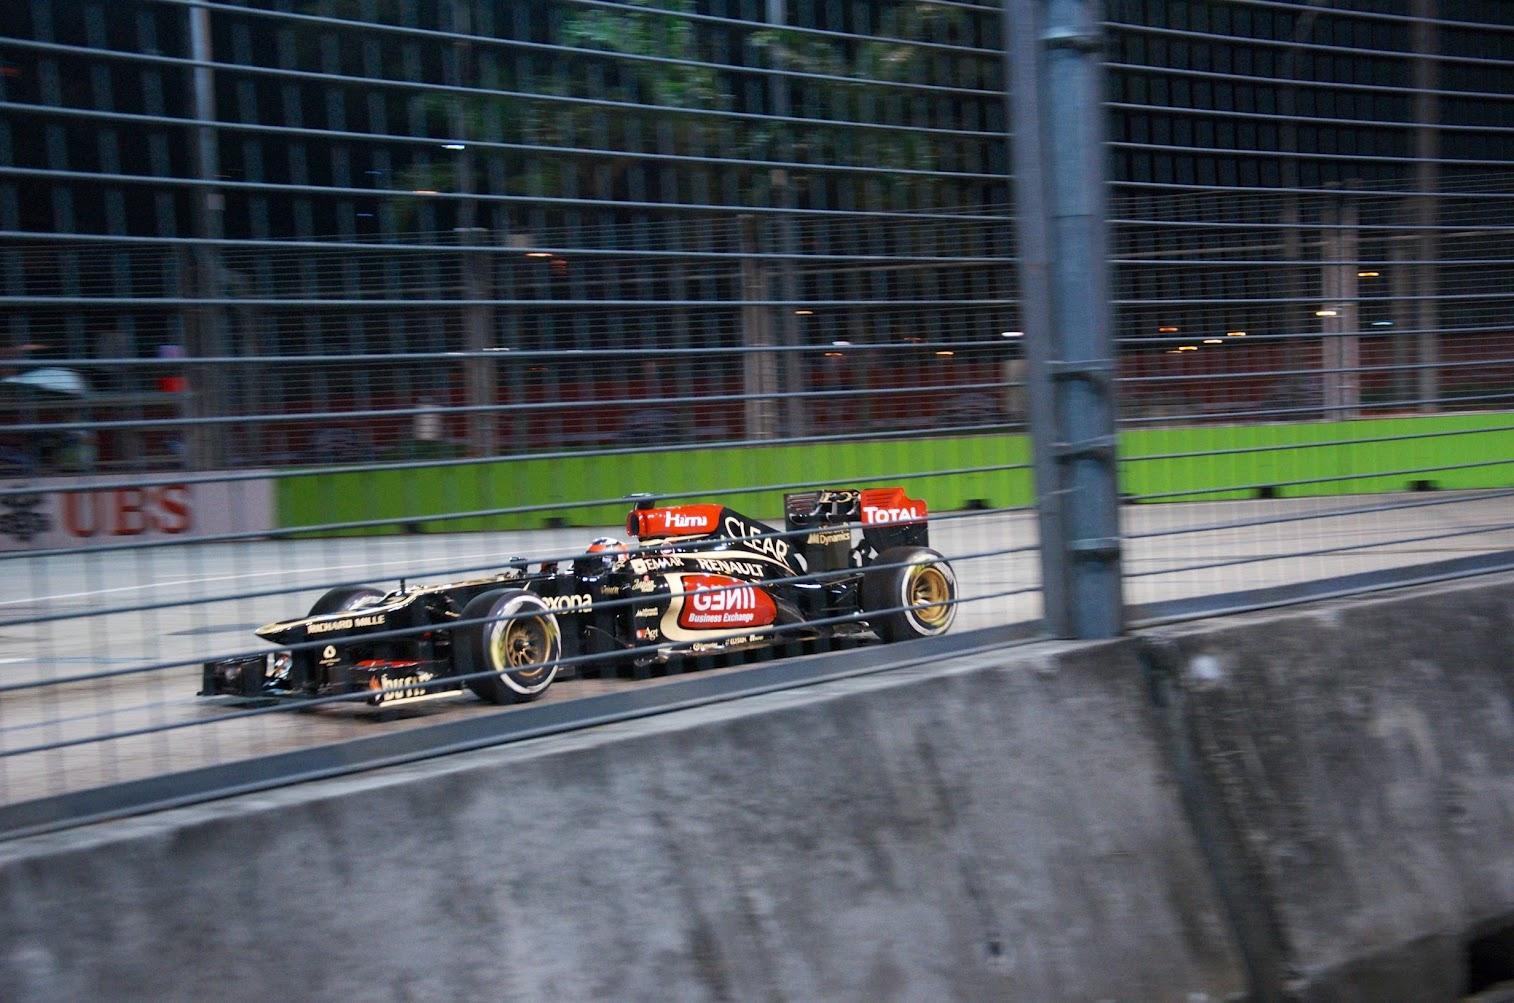 Singapore GP 2013 Qualifying at Turn 9